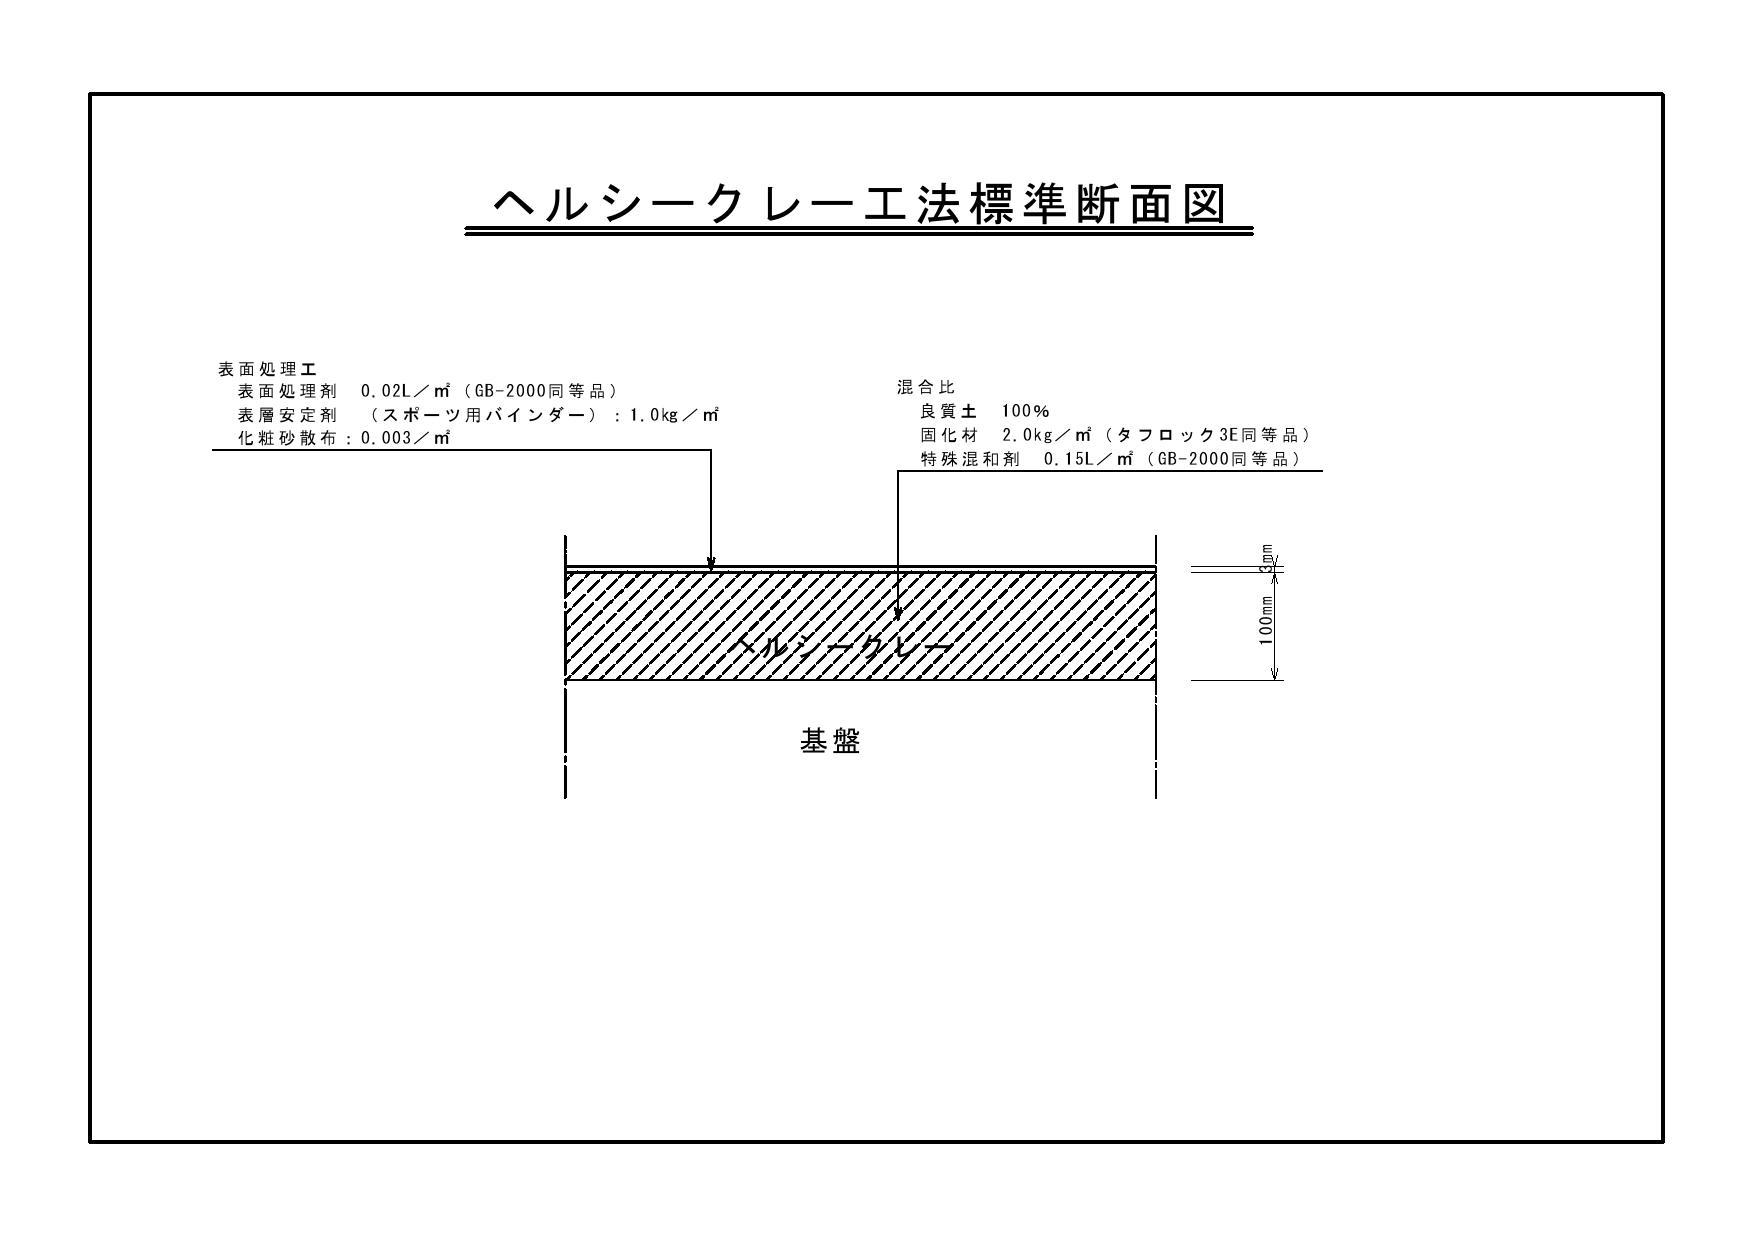 ヘルシークレー標準断面図